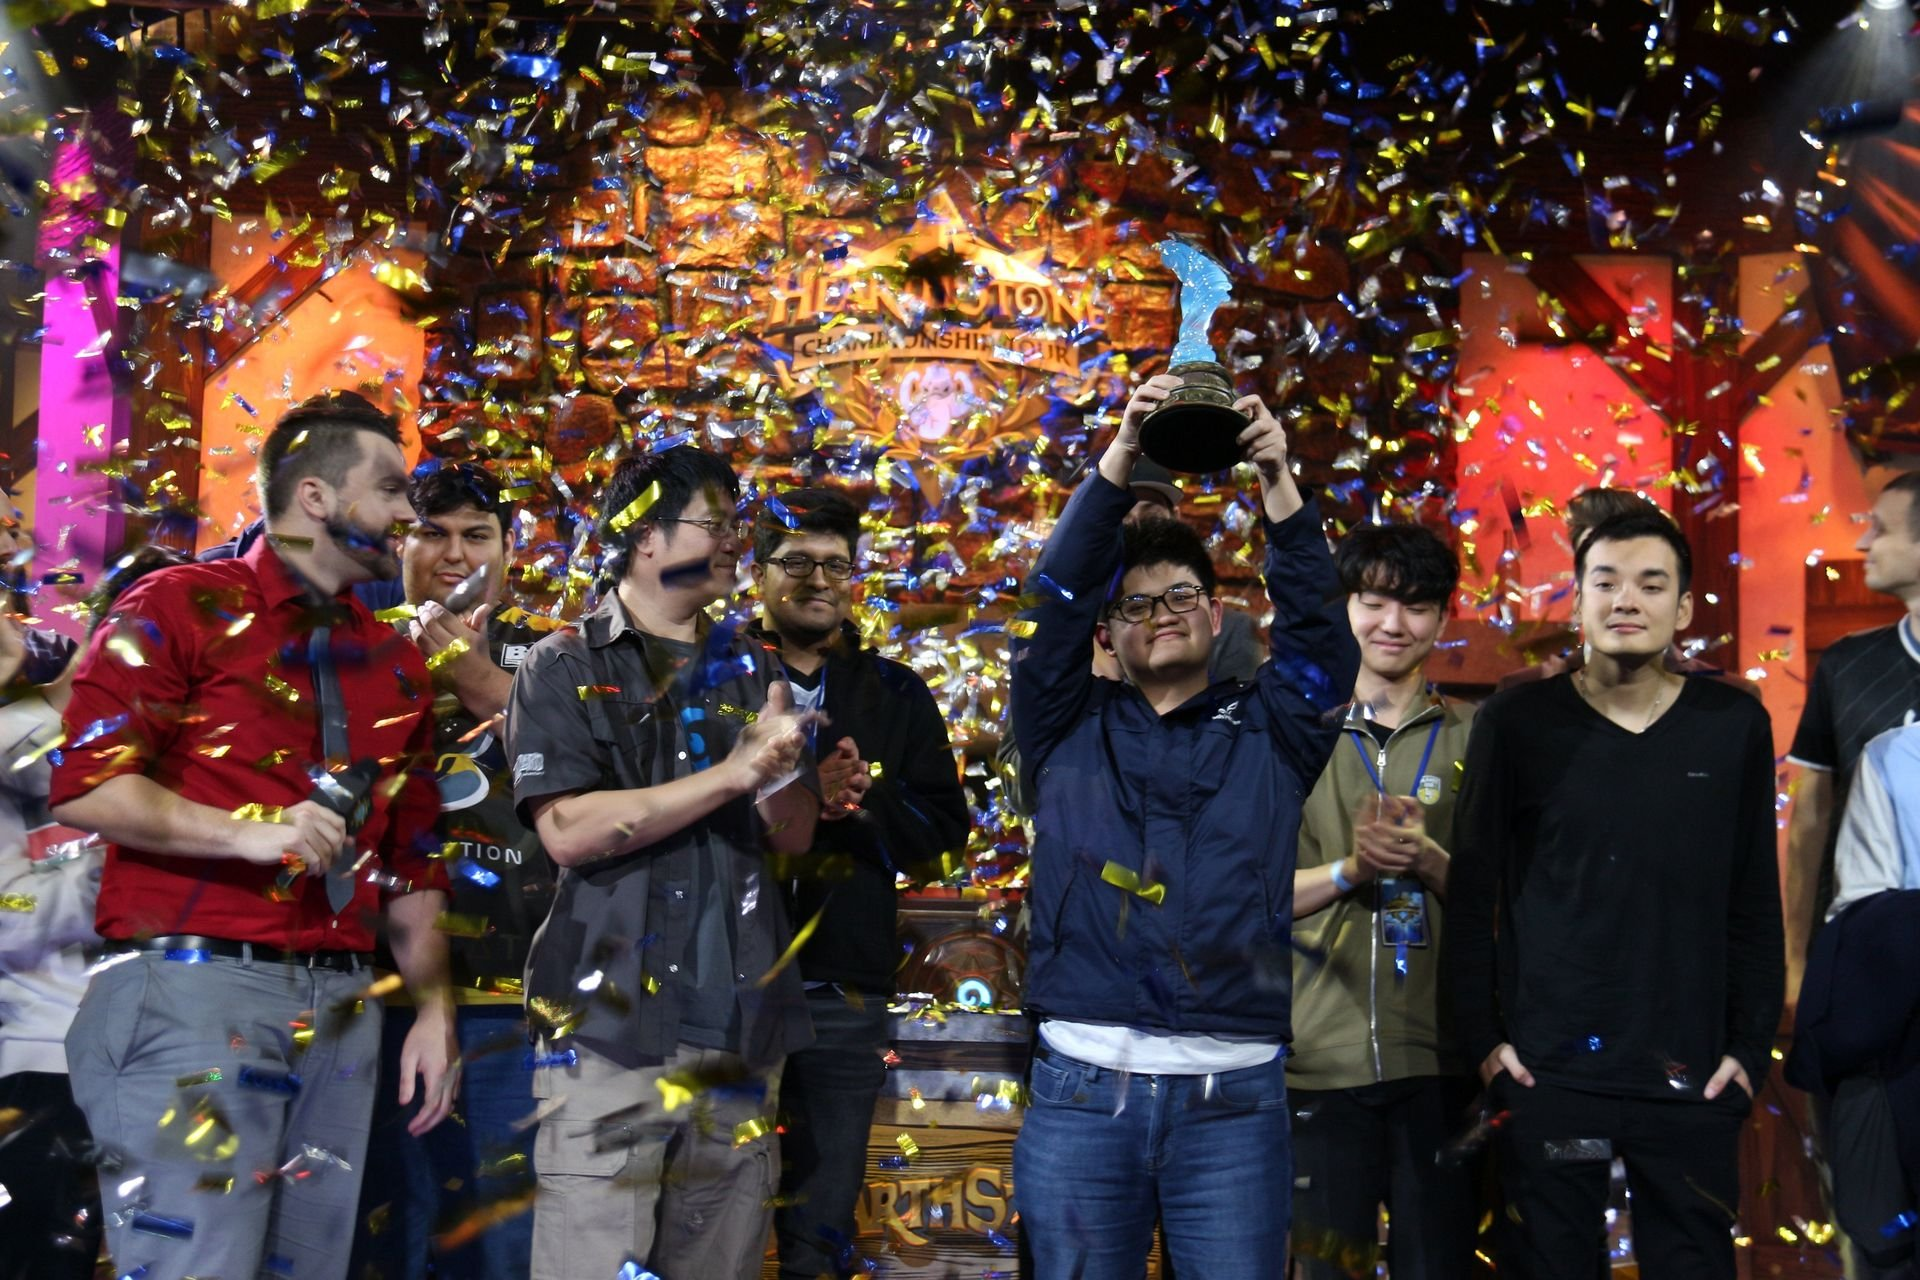 優勝したtom60229選手(台湾)。4月に台湾で開催される「HCT 2018 World Championship」はtom60229選手は出場権を獲得できなかったため、新たな王者が誕生することになる